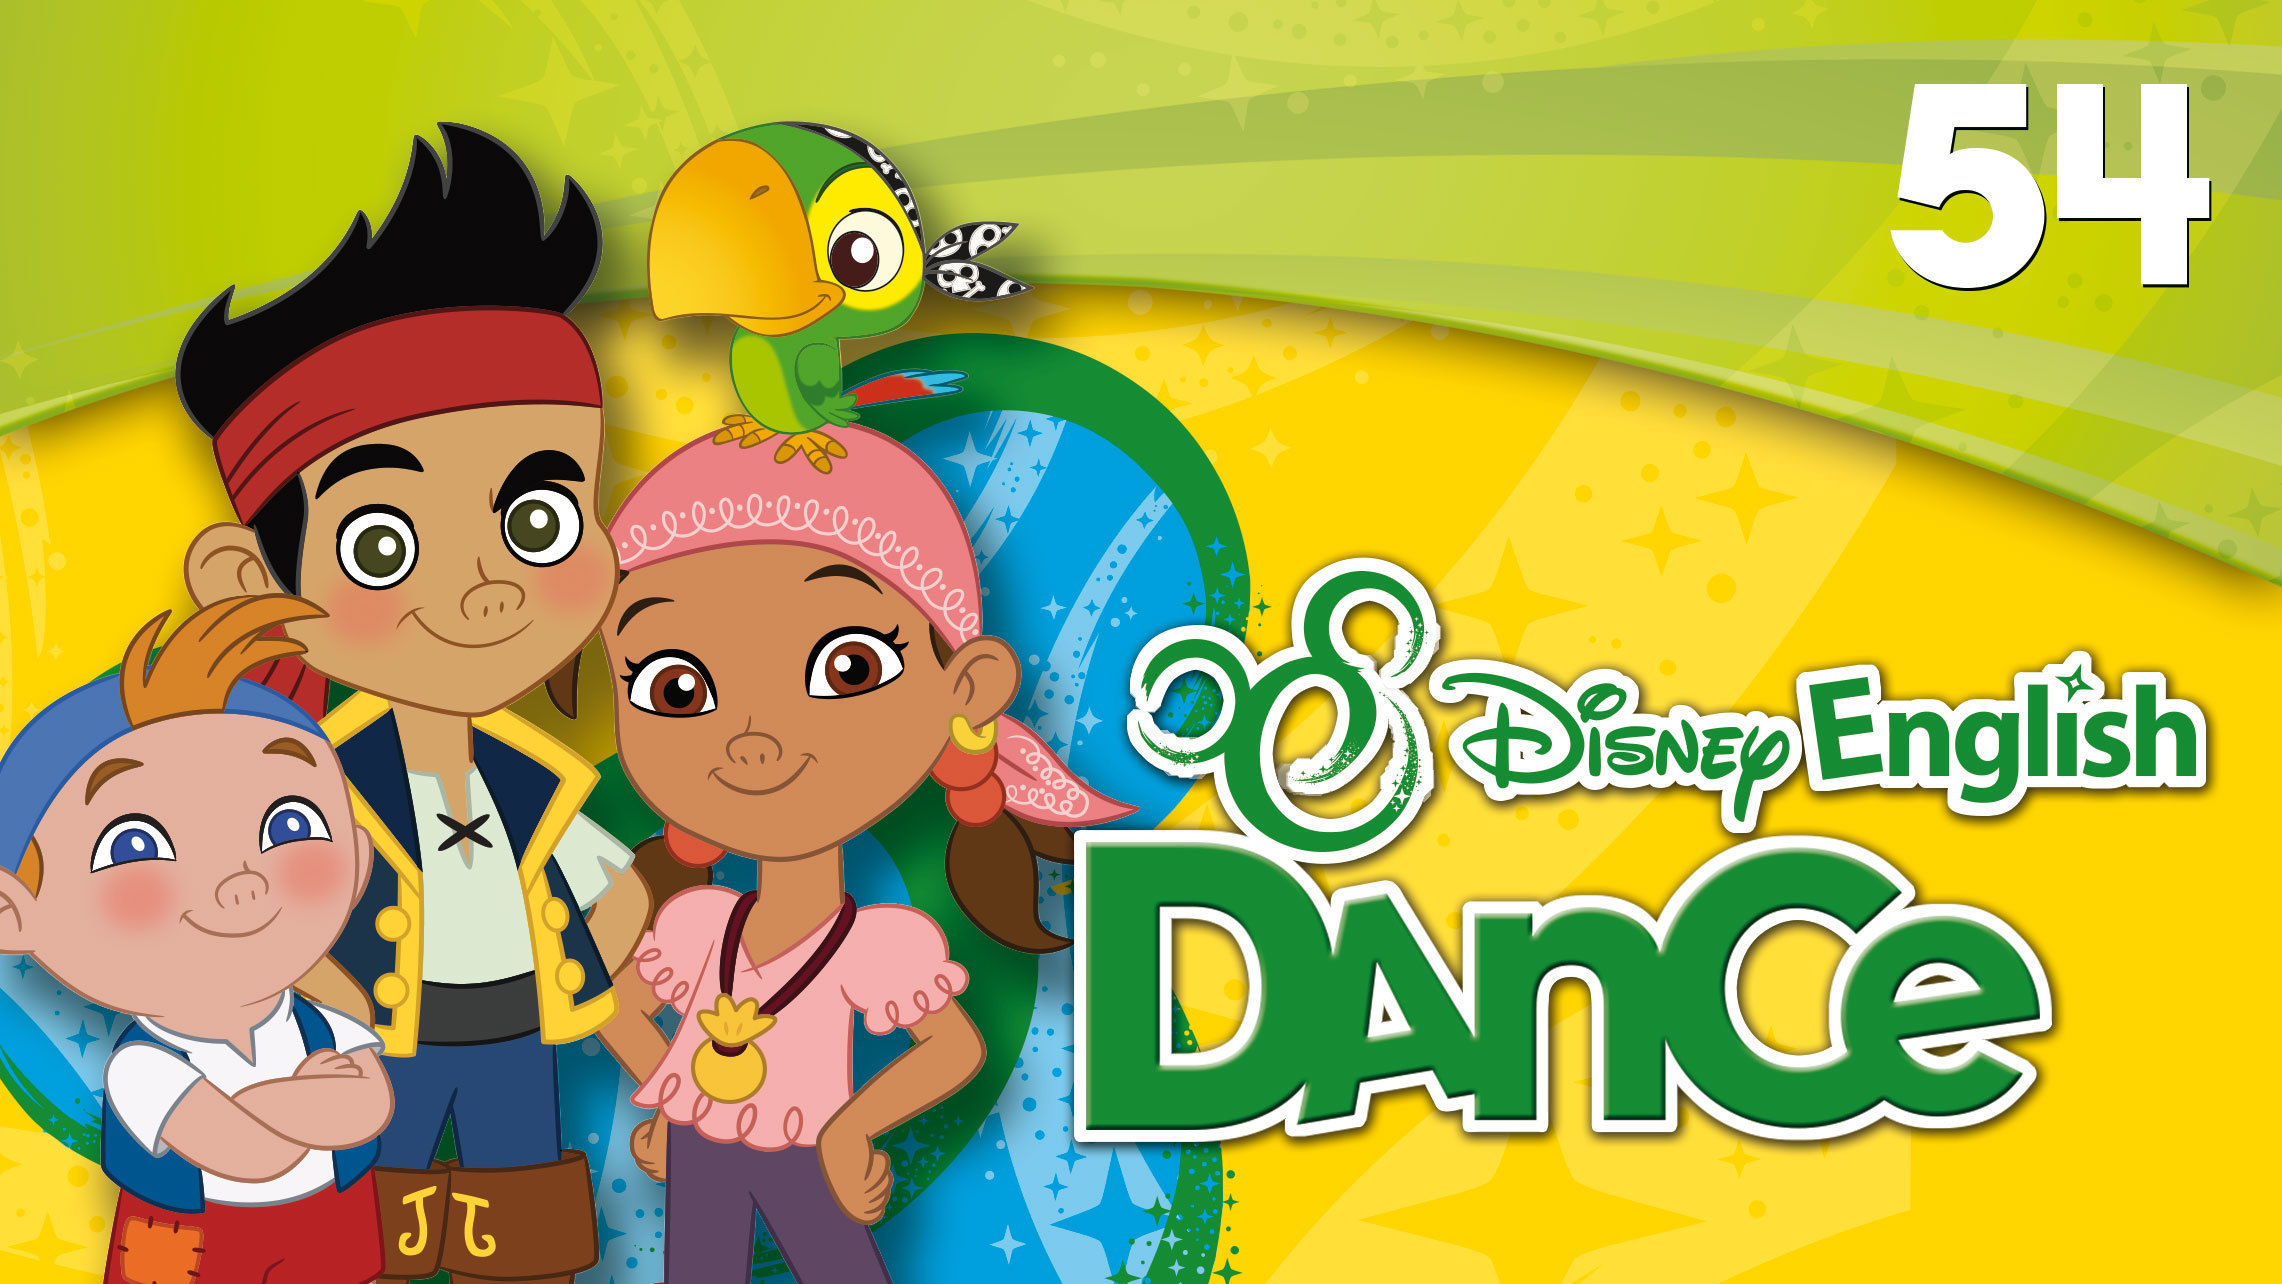 Disney English - Episodio 54